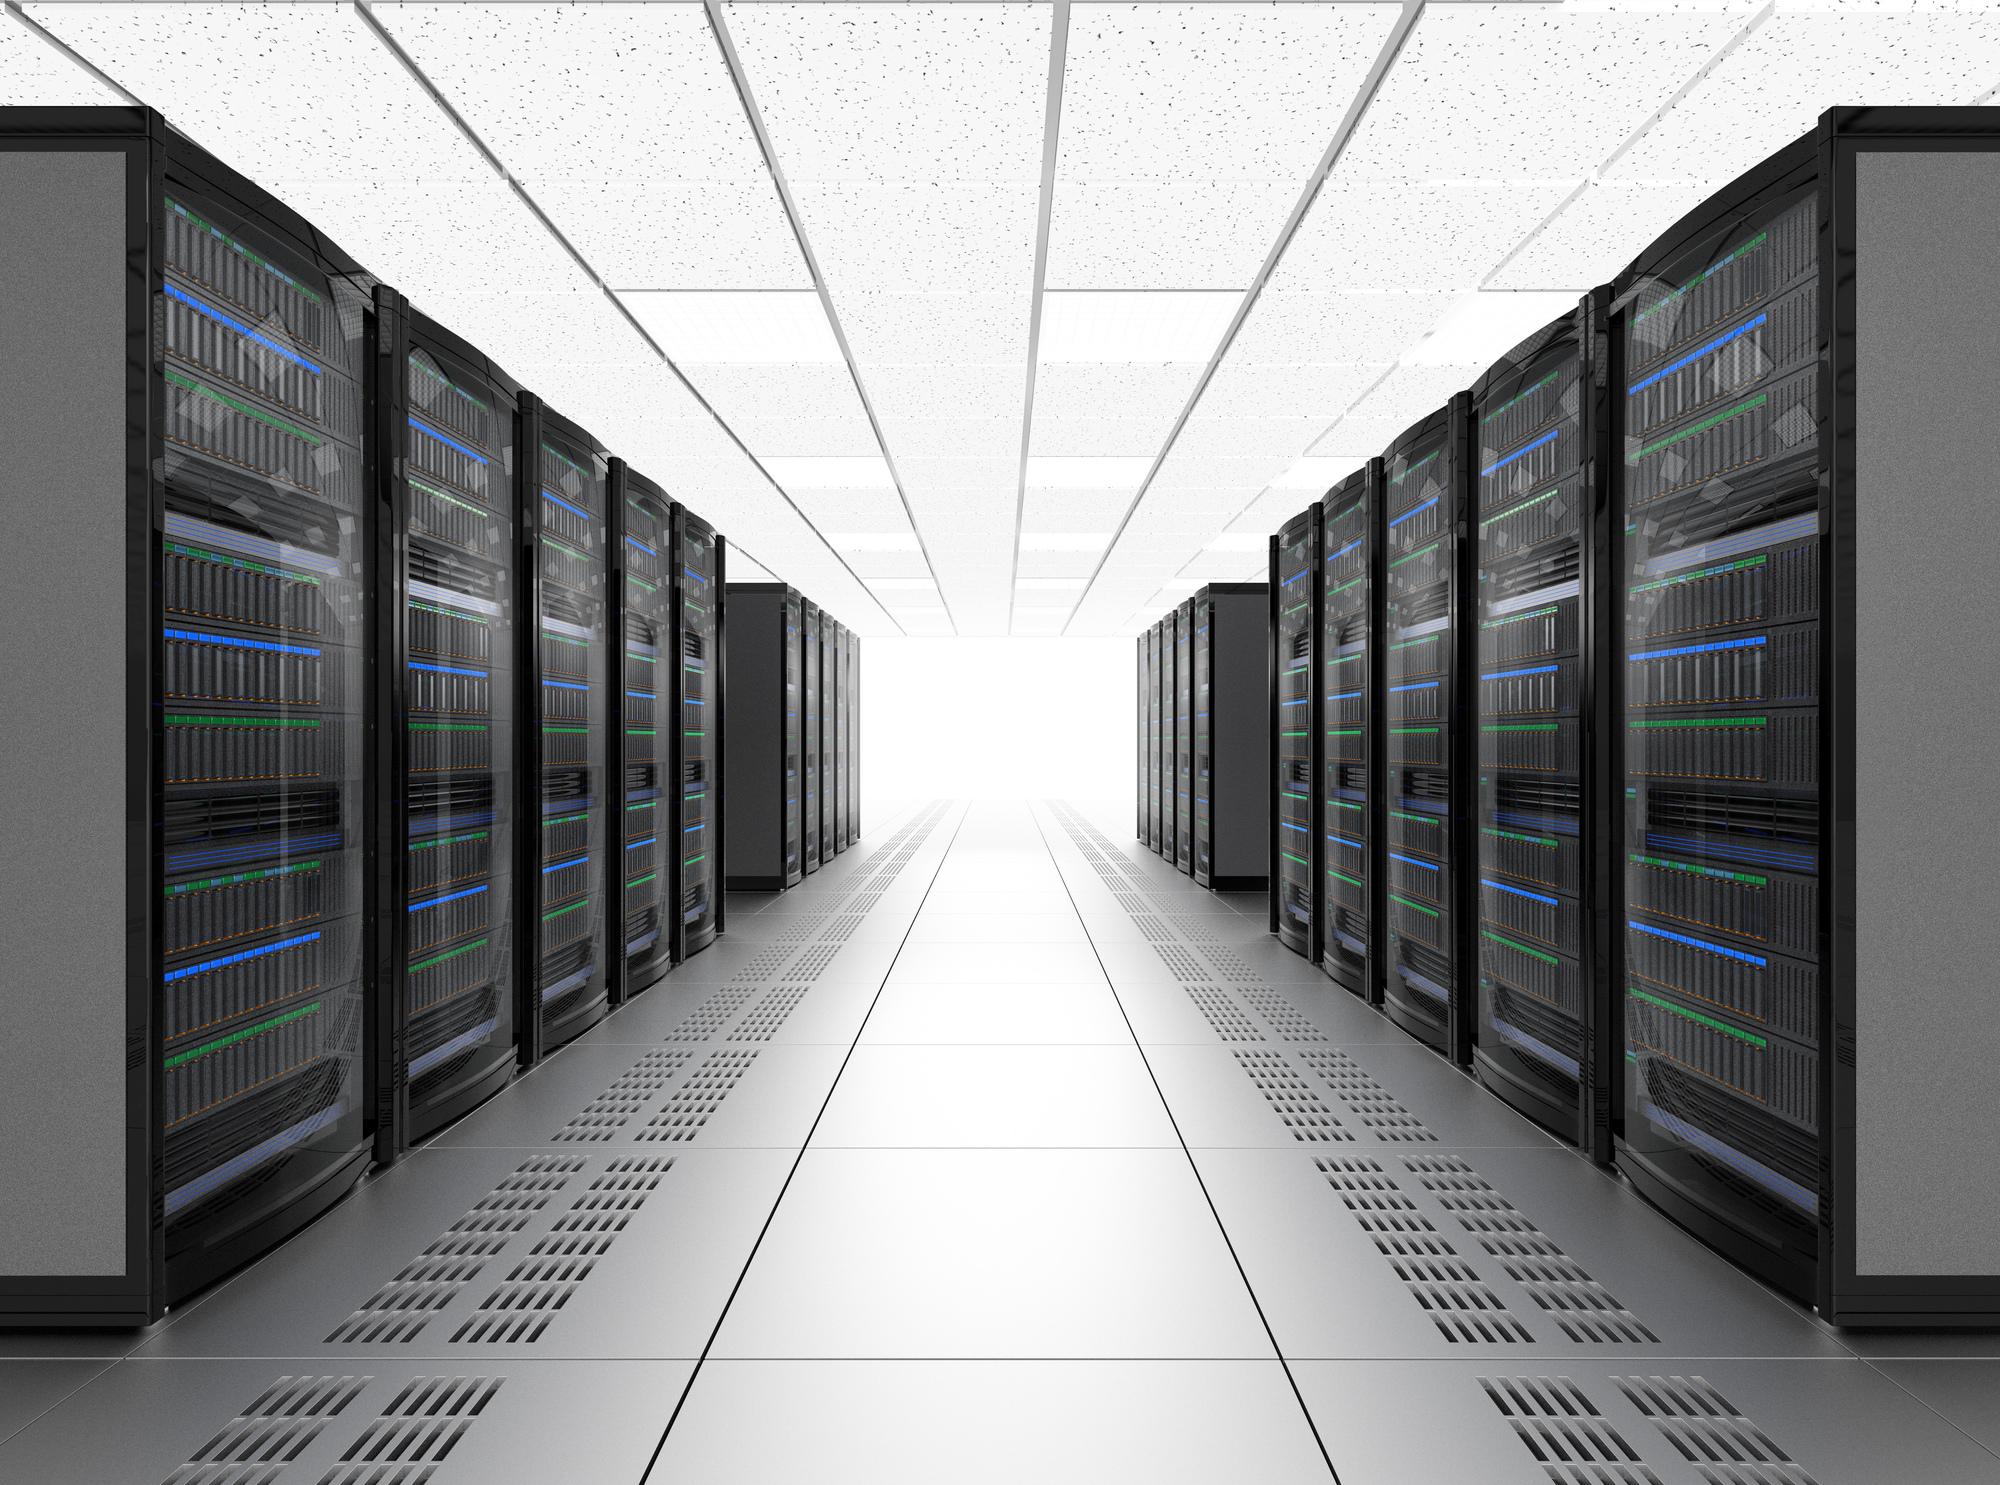 データベースエンジニアには将来性がある?必要なスキル5つとキャリアパスを紹介のアイキャッチイメージ